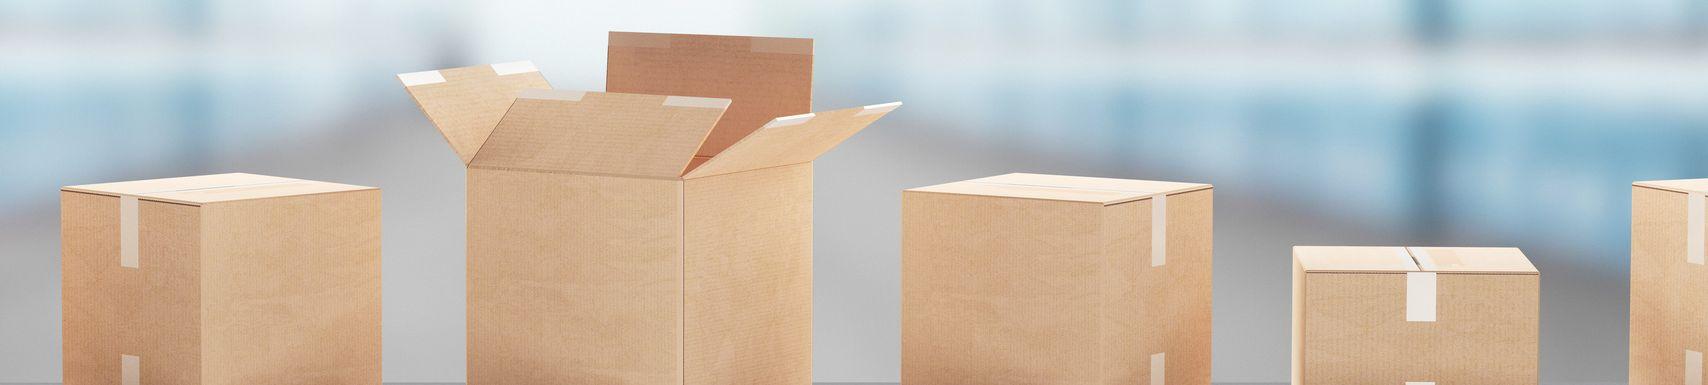 was bedeutet daf delivered at frontier zollbegriffe. Black Bedroom Furniture Sets. Home Design Ideas